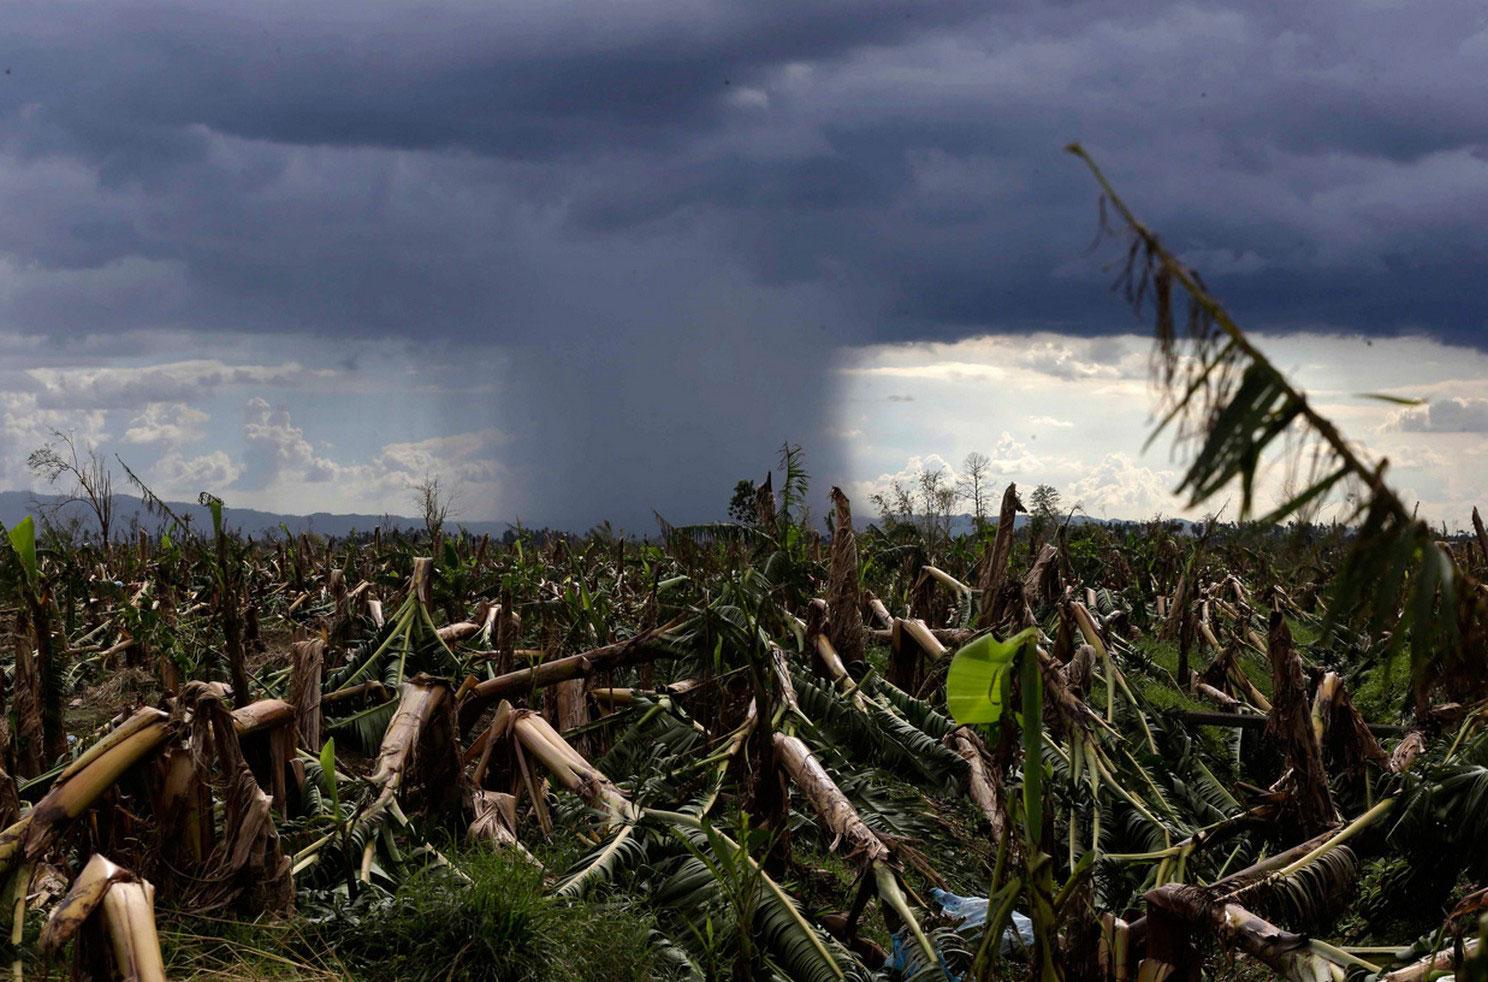 банановая плантация после урагана на Филиппинах